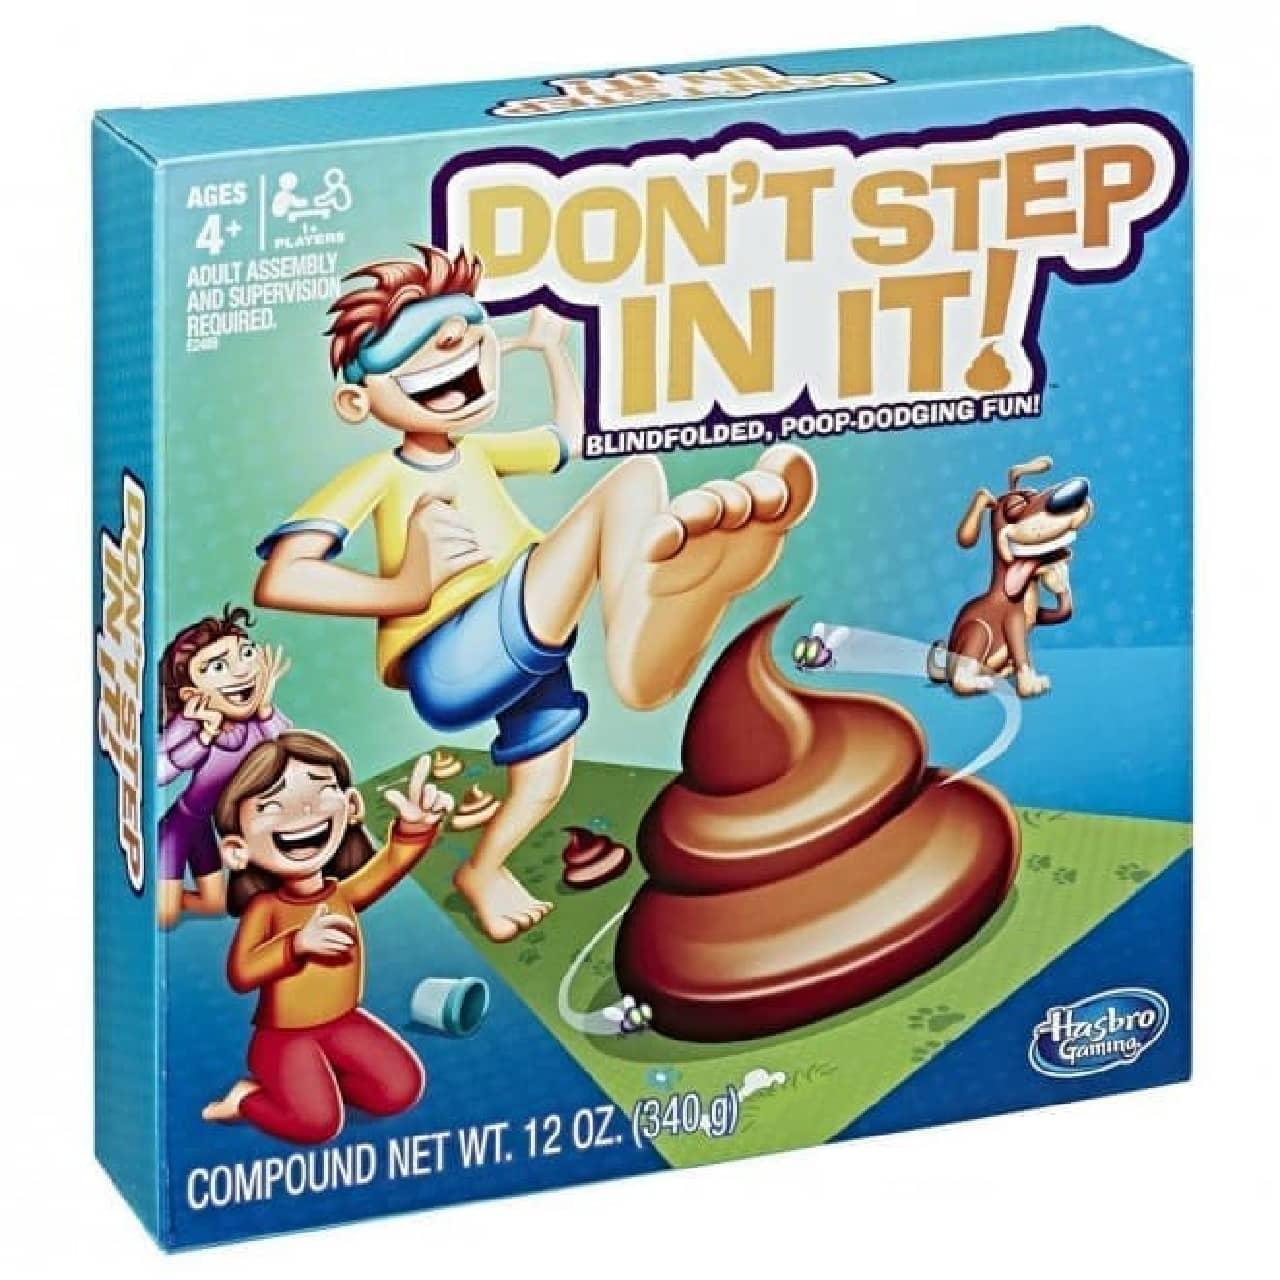 家族や友だちと楽しめる「DON'T STEP IN IT(踏んじゃだめだ)」